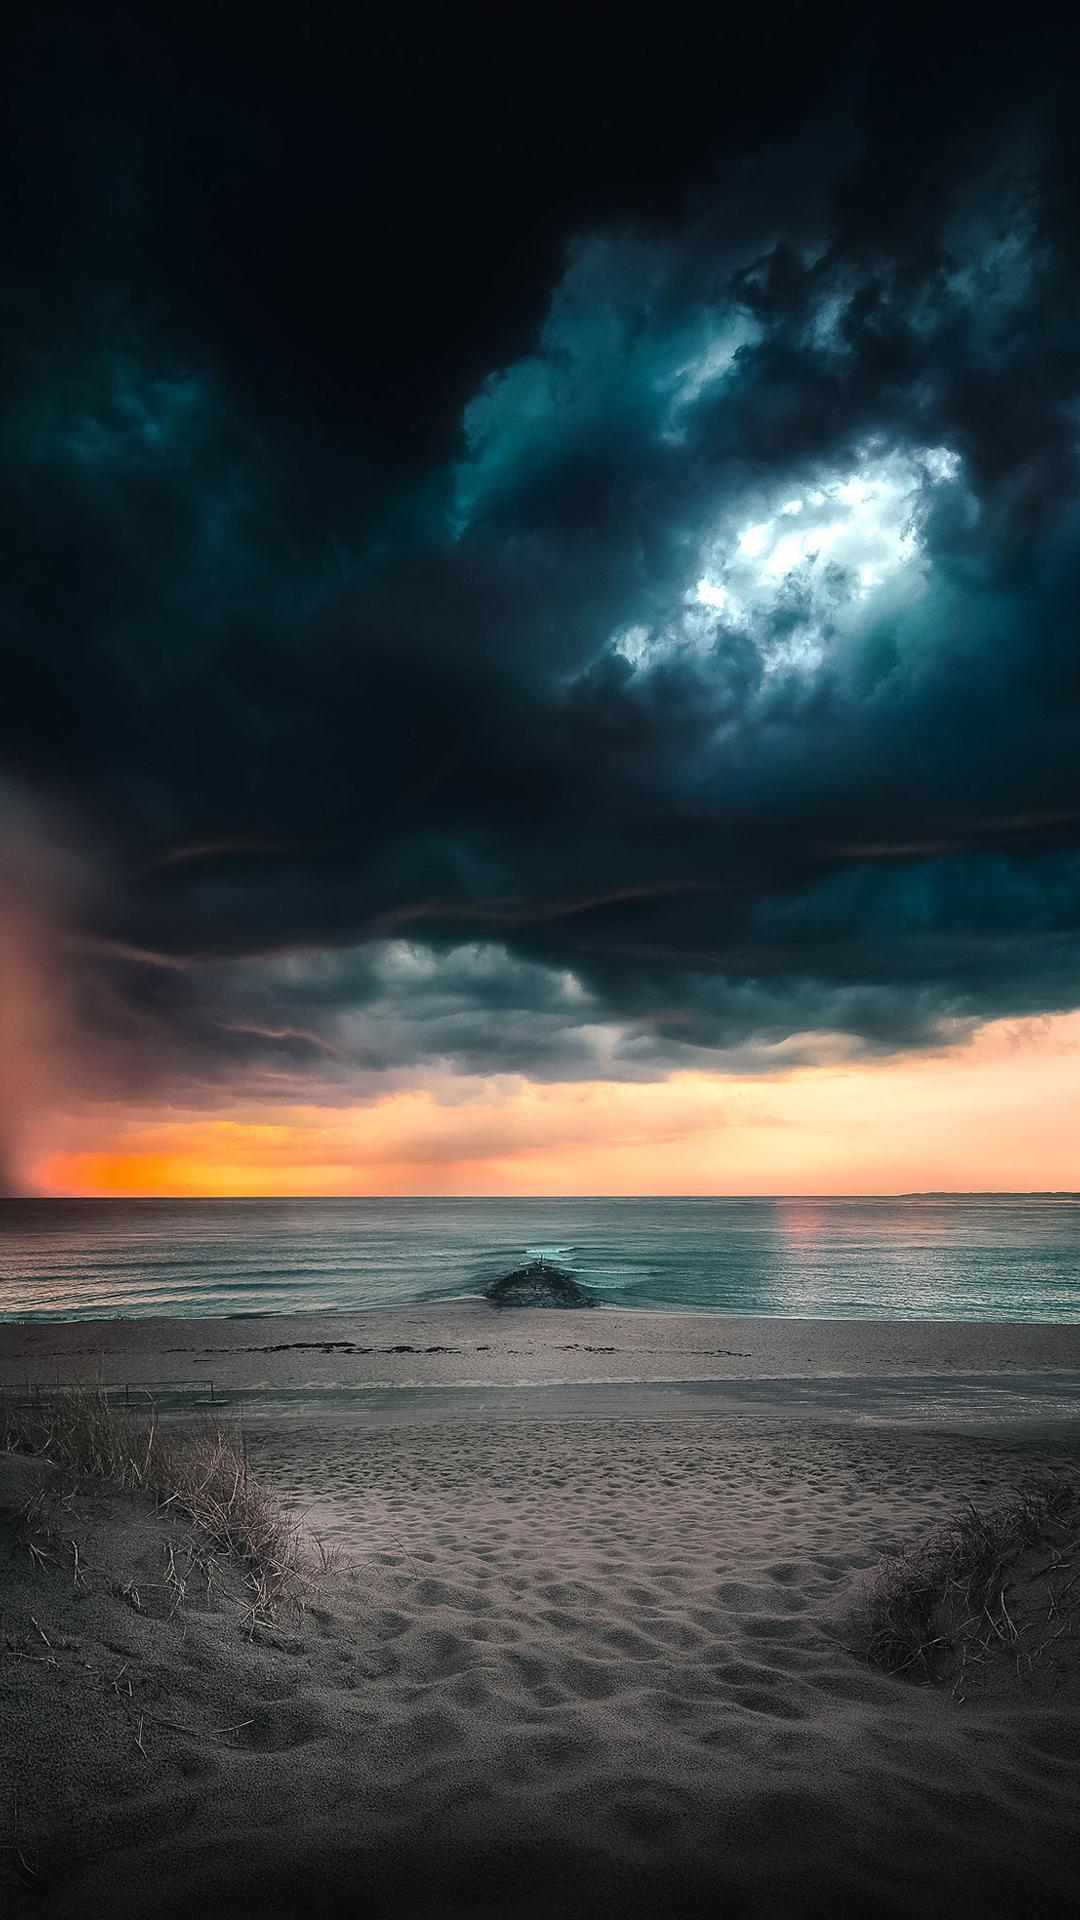 _macinmac_ iphone wallpaper sky sunset beach